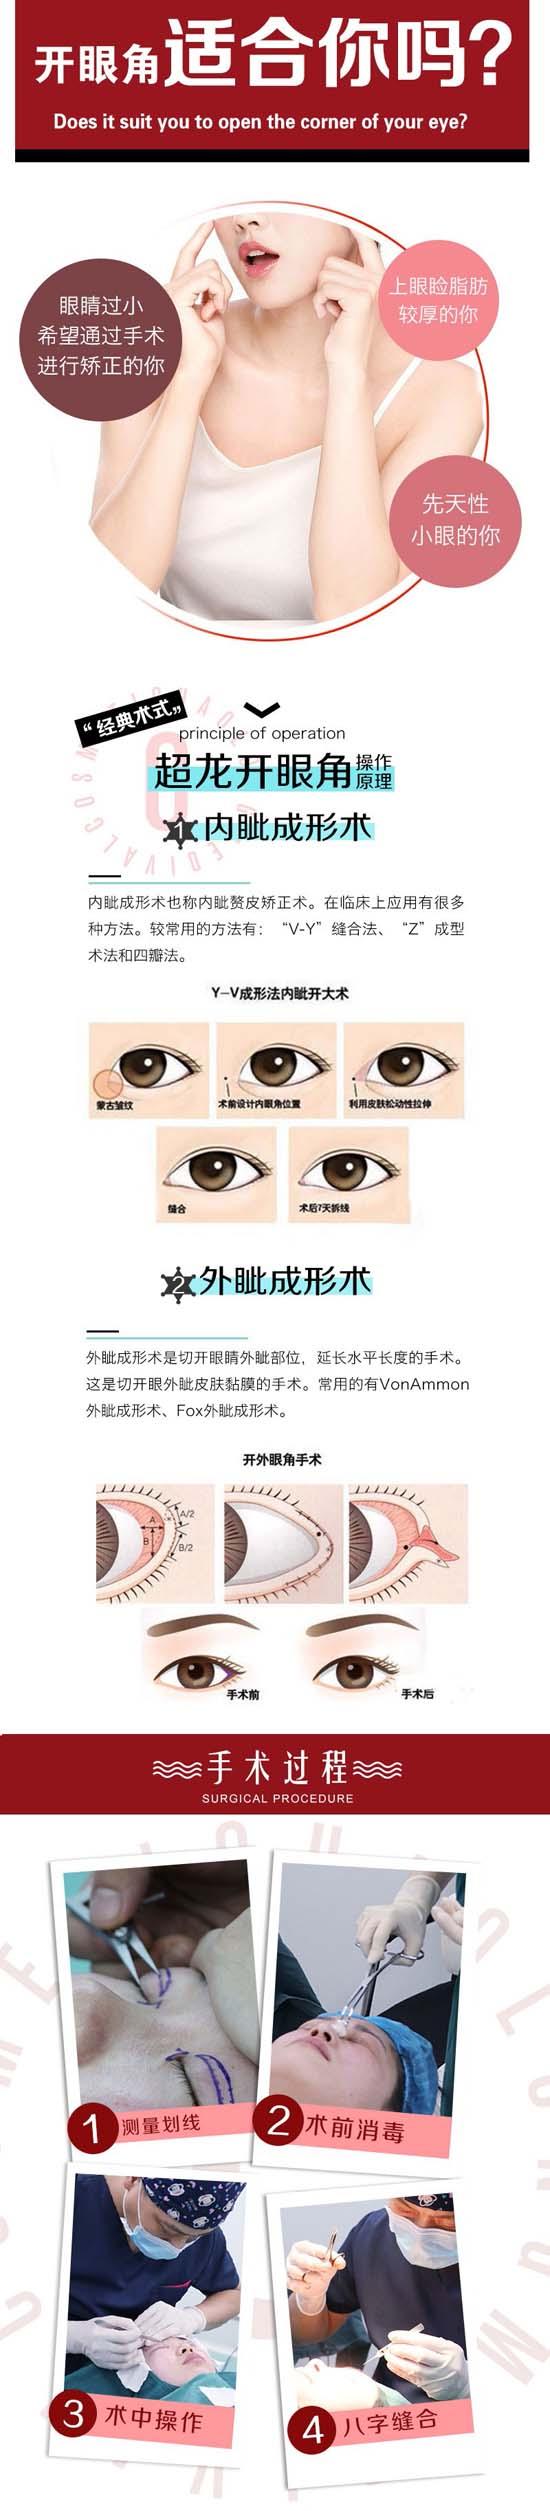 大庆超龙开眼角  隐形法开眼角 翘睫传神 自然放大双眼